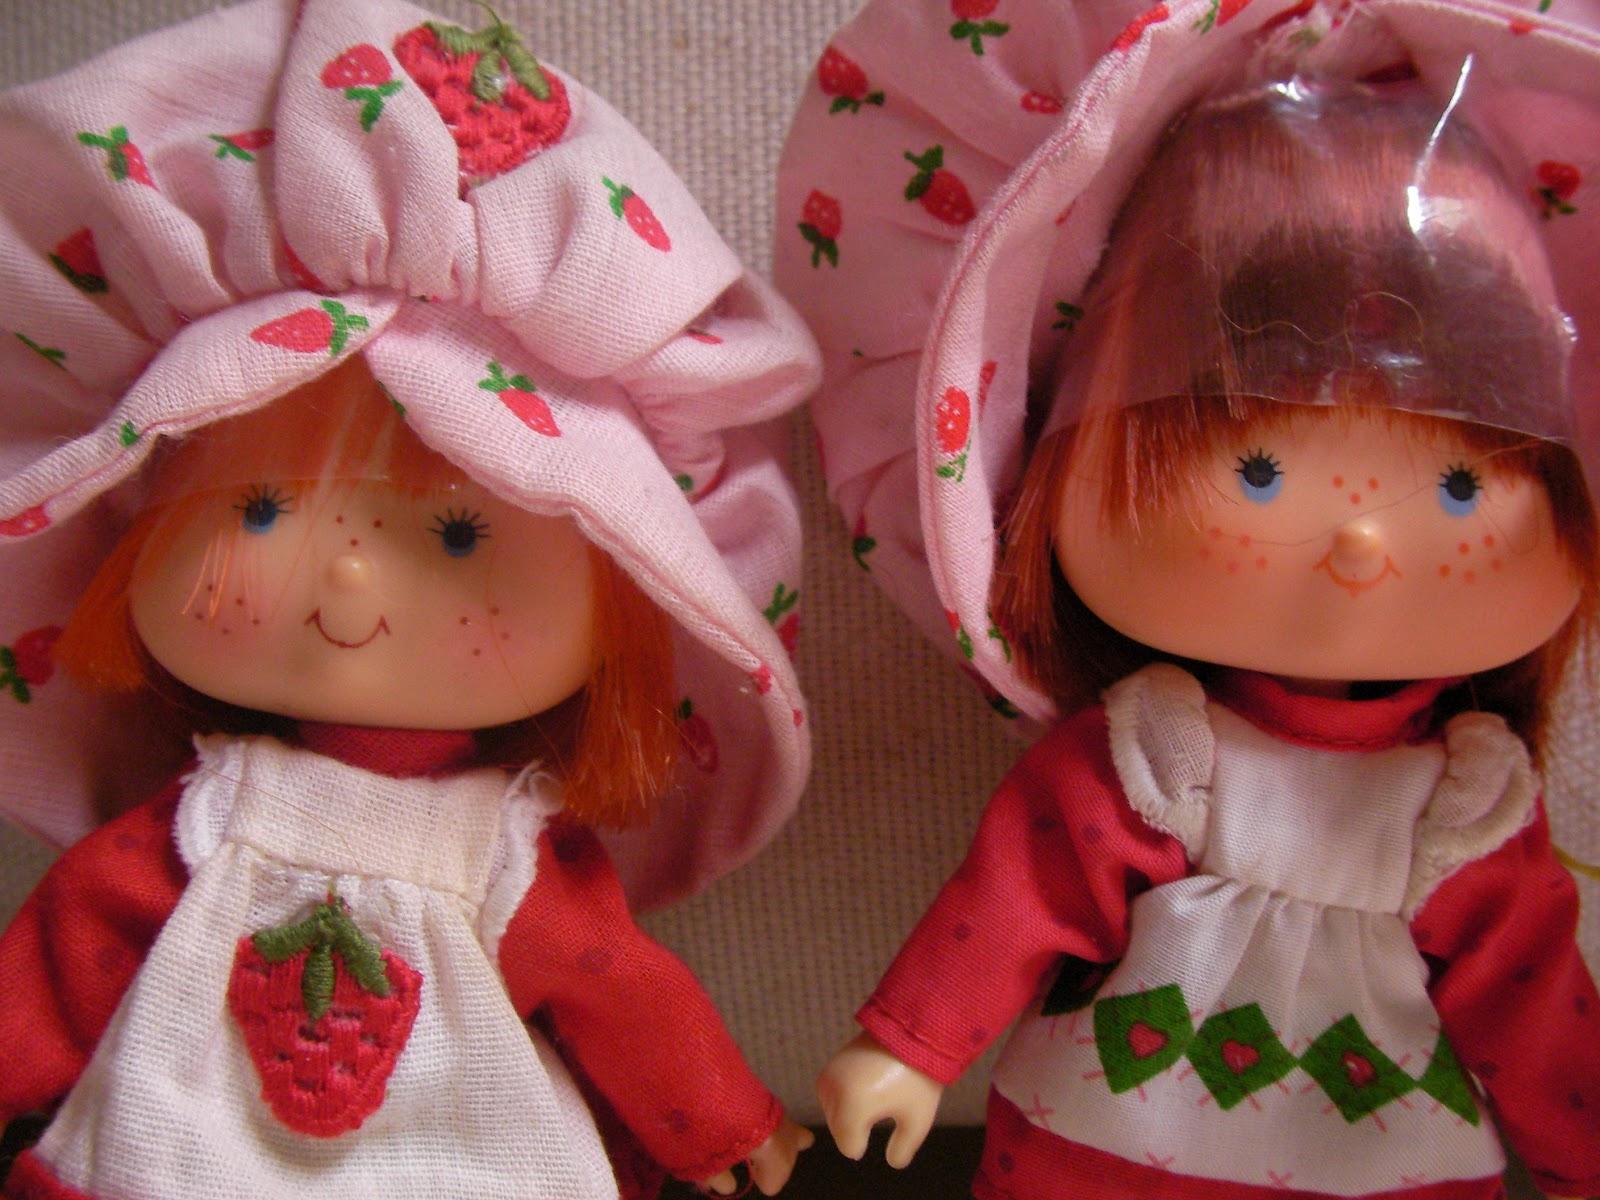 Jimenamejiapinzon Rosita Fresita 1979 Strawberry Shortcake 1979